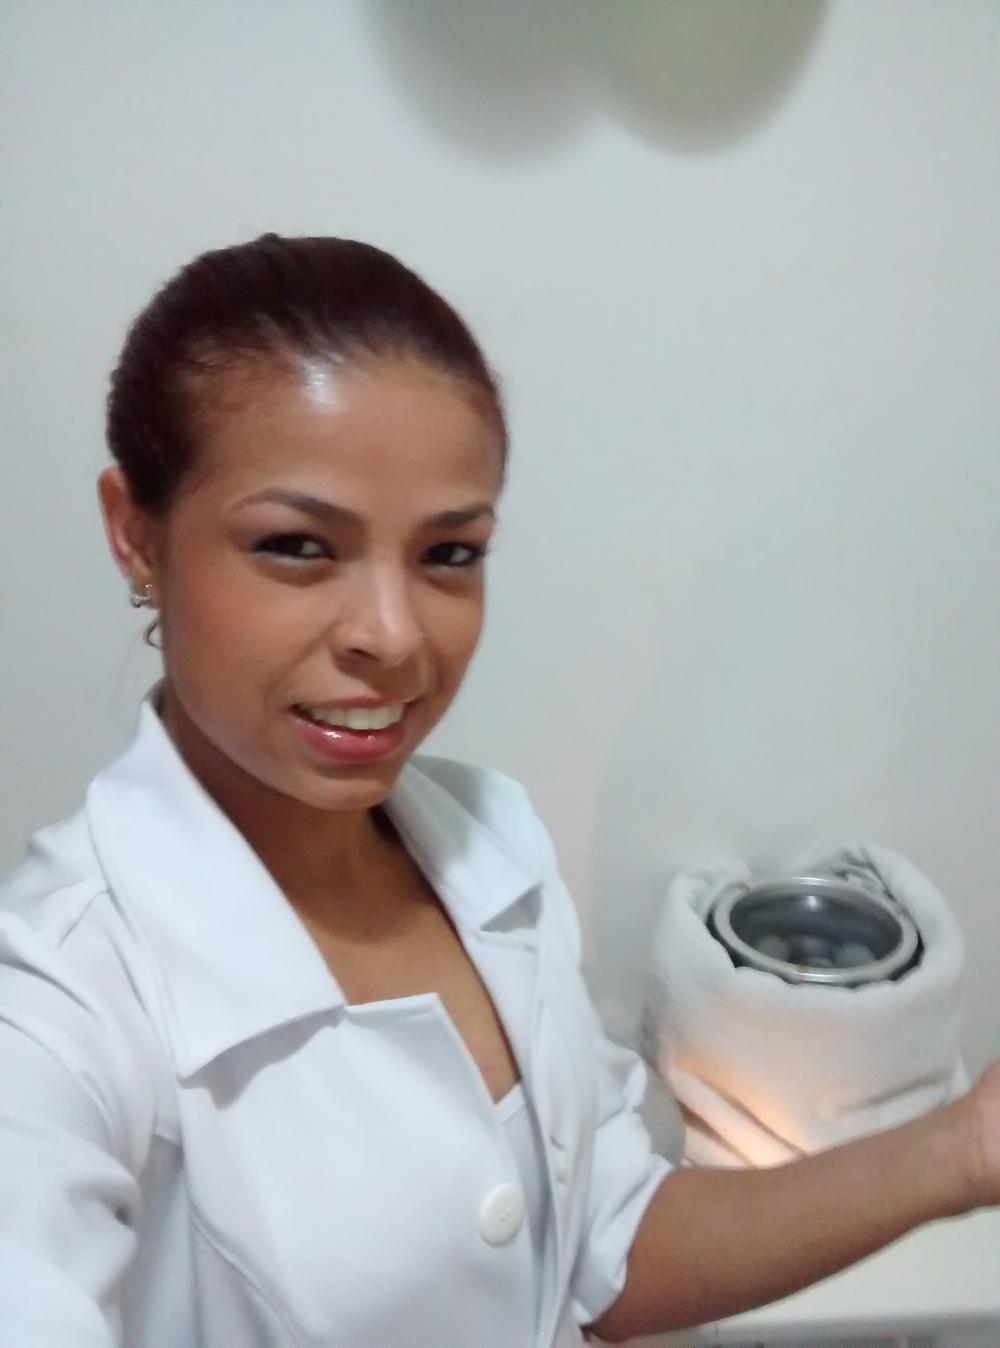 Tratamentos Estéticos para Gordura Localizada Preço na Vila Camilópolis - Tratamentos Estéticos para o Rosto